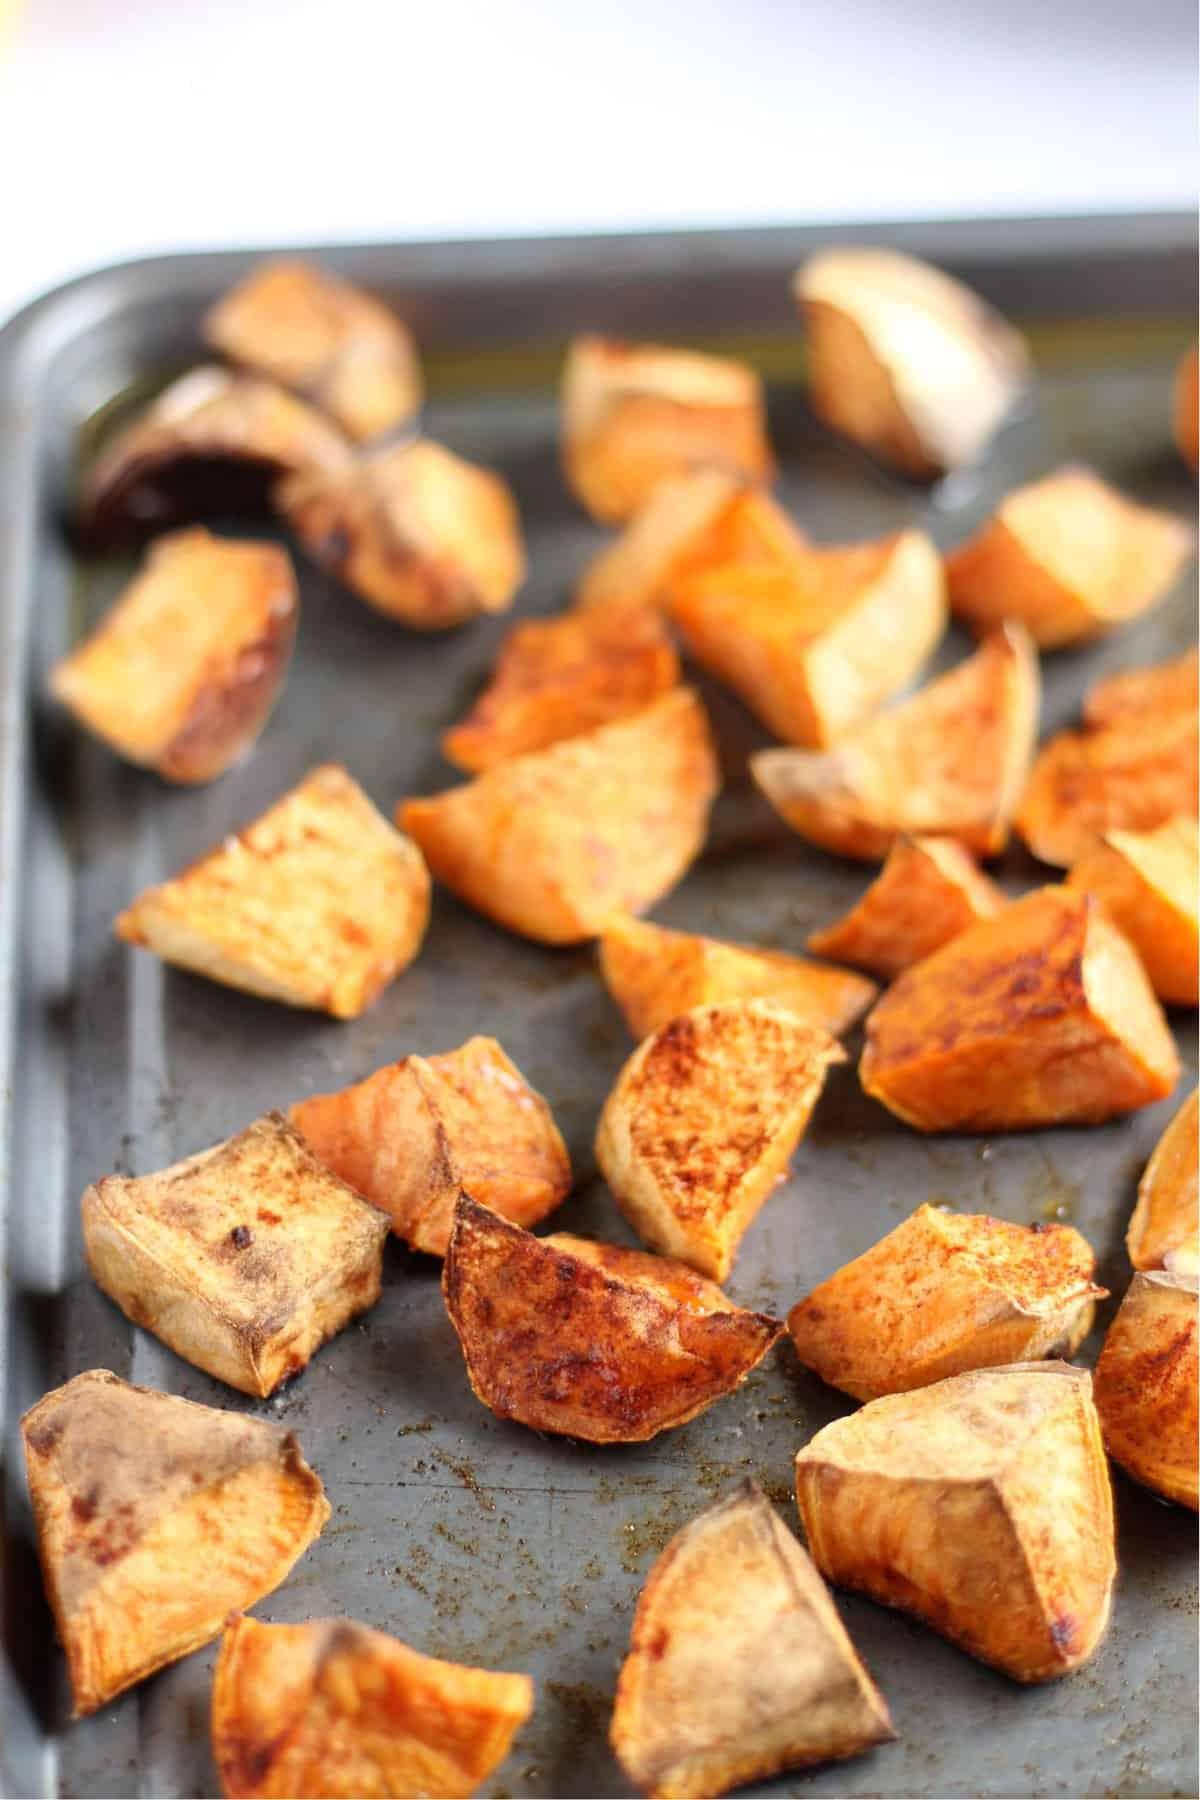 A tray of roast sweet potato chunks